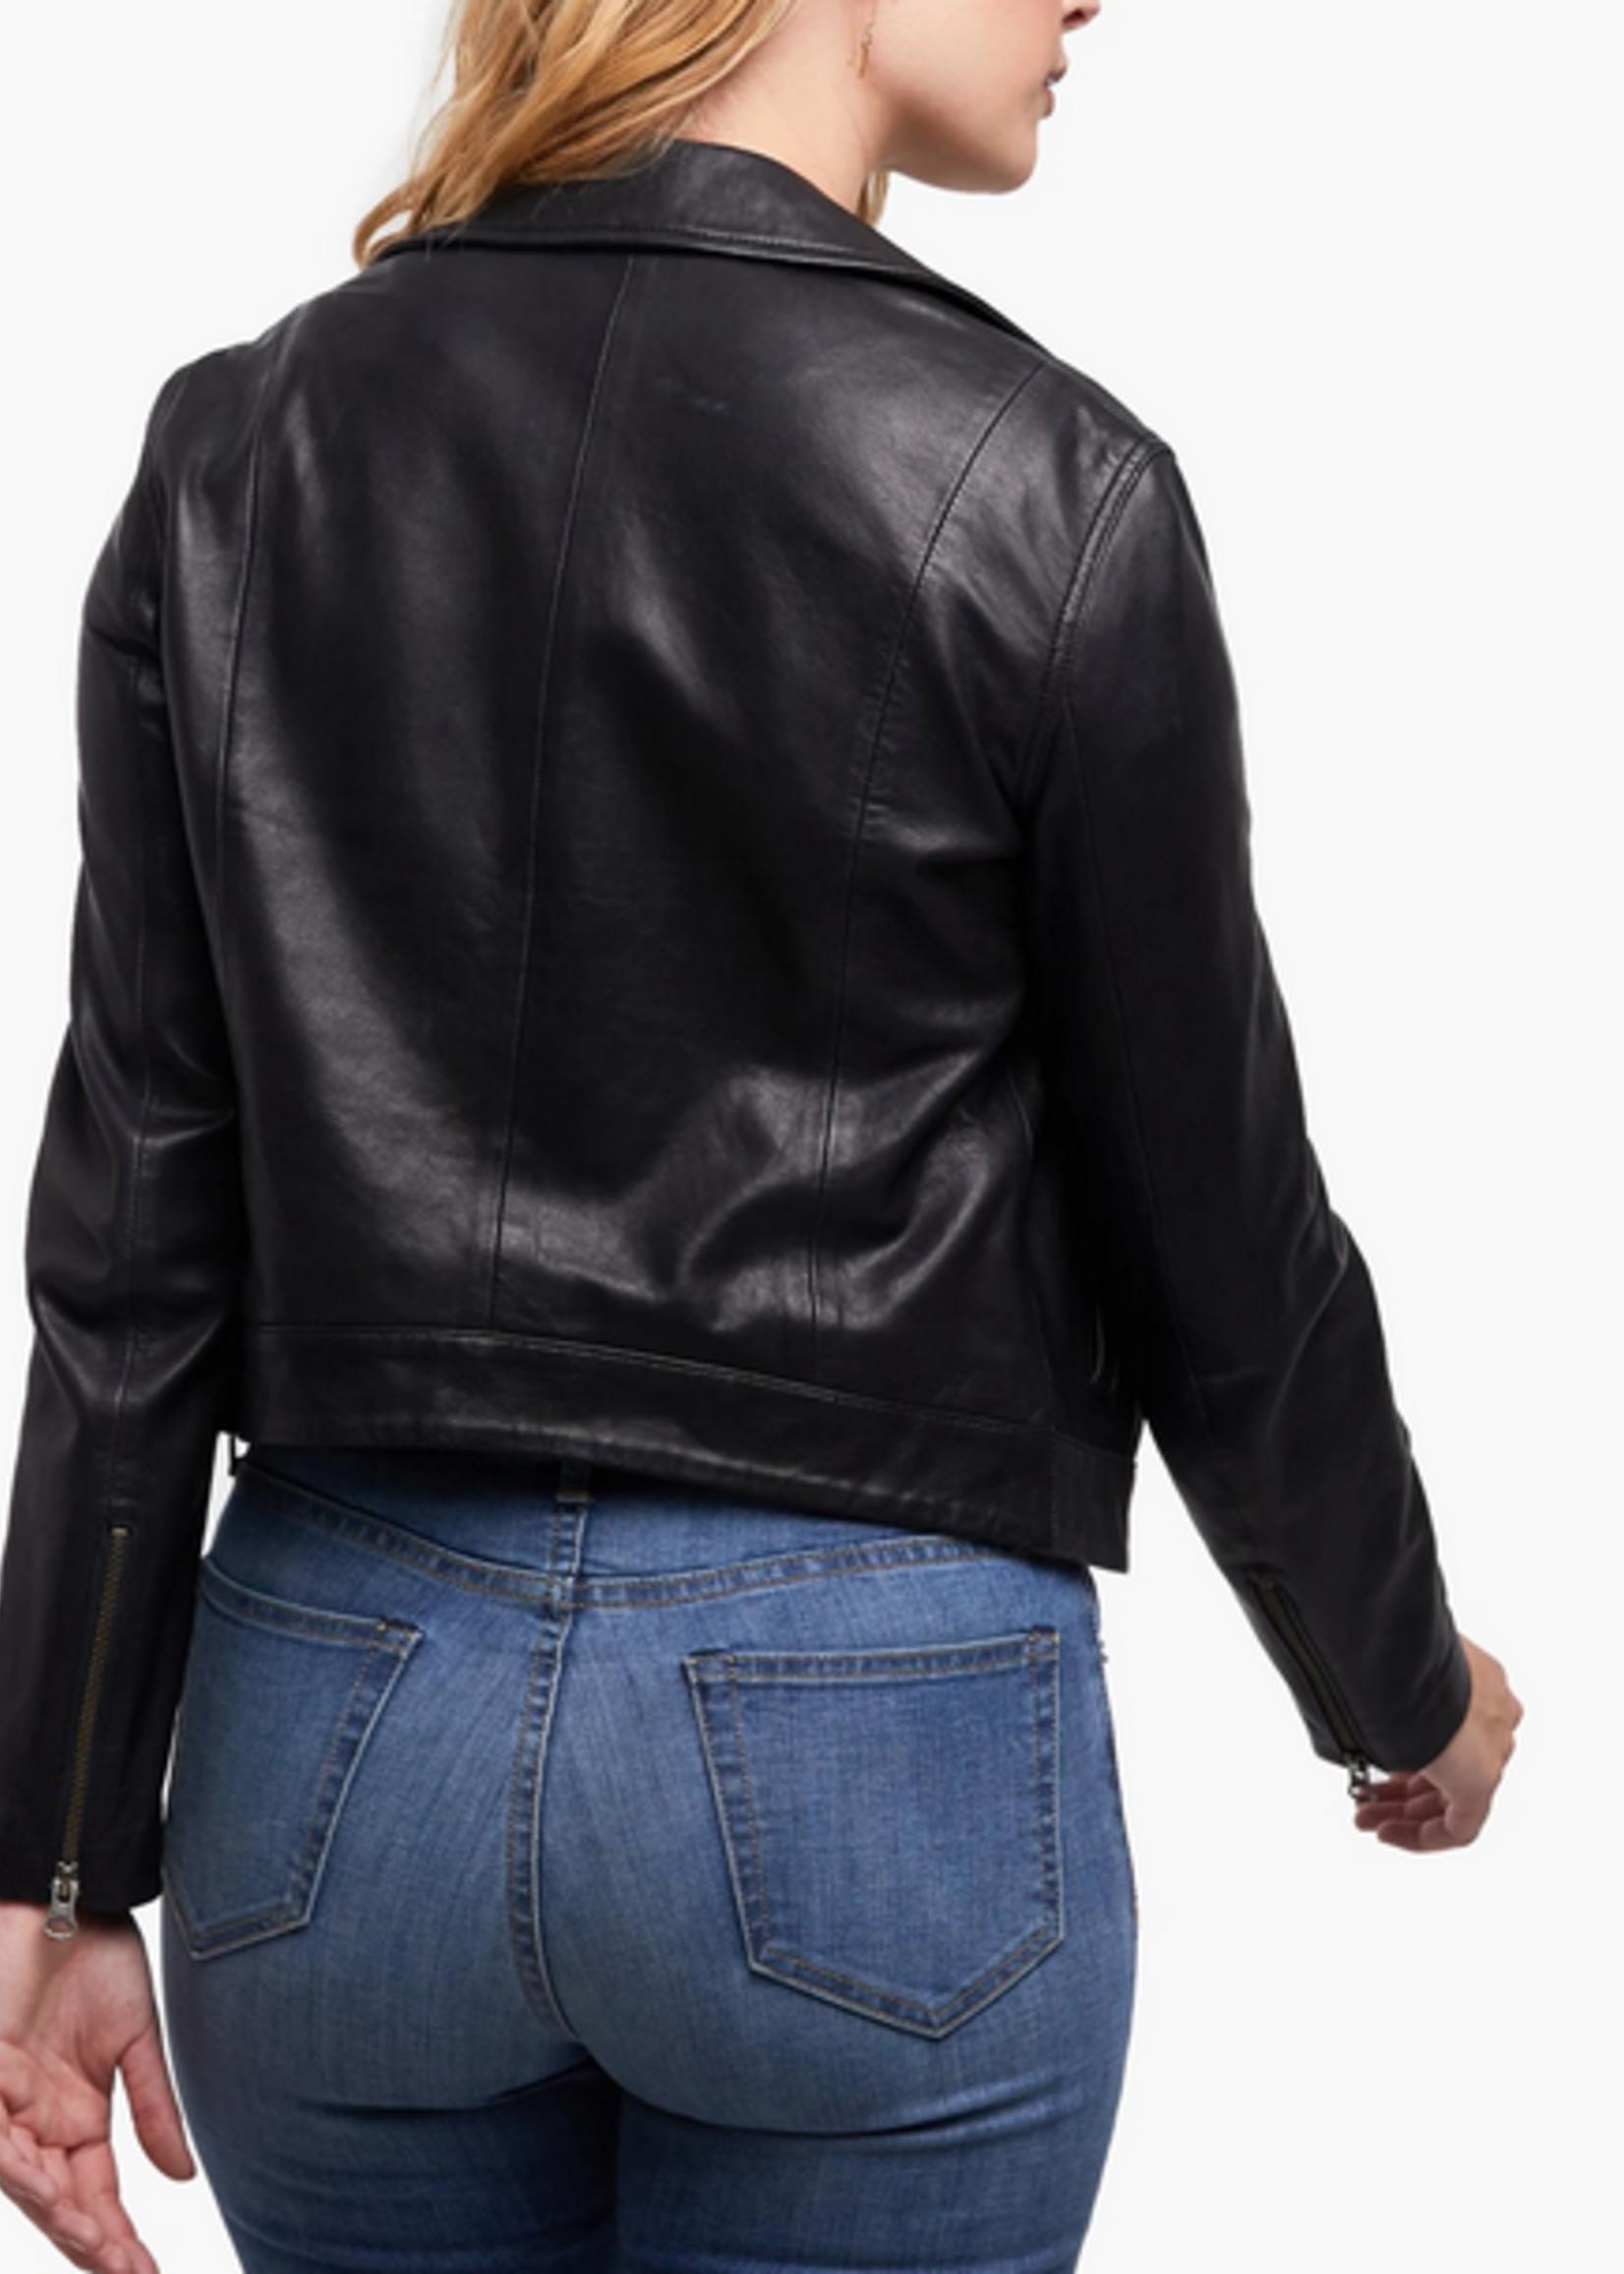 Elitaire Boutique Maha Black Leather Jacket